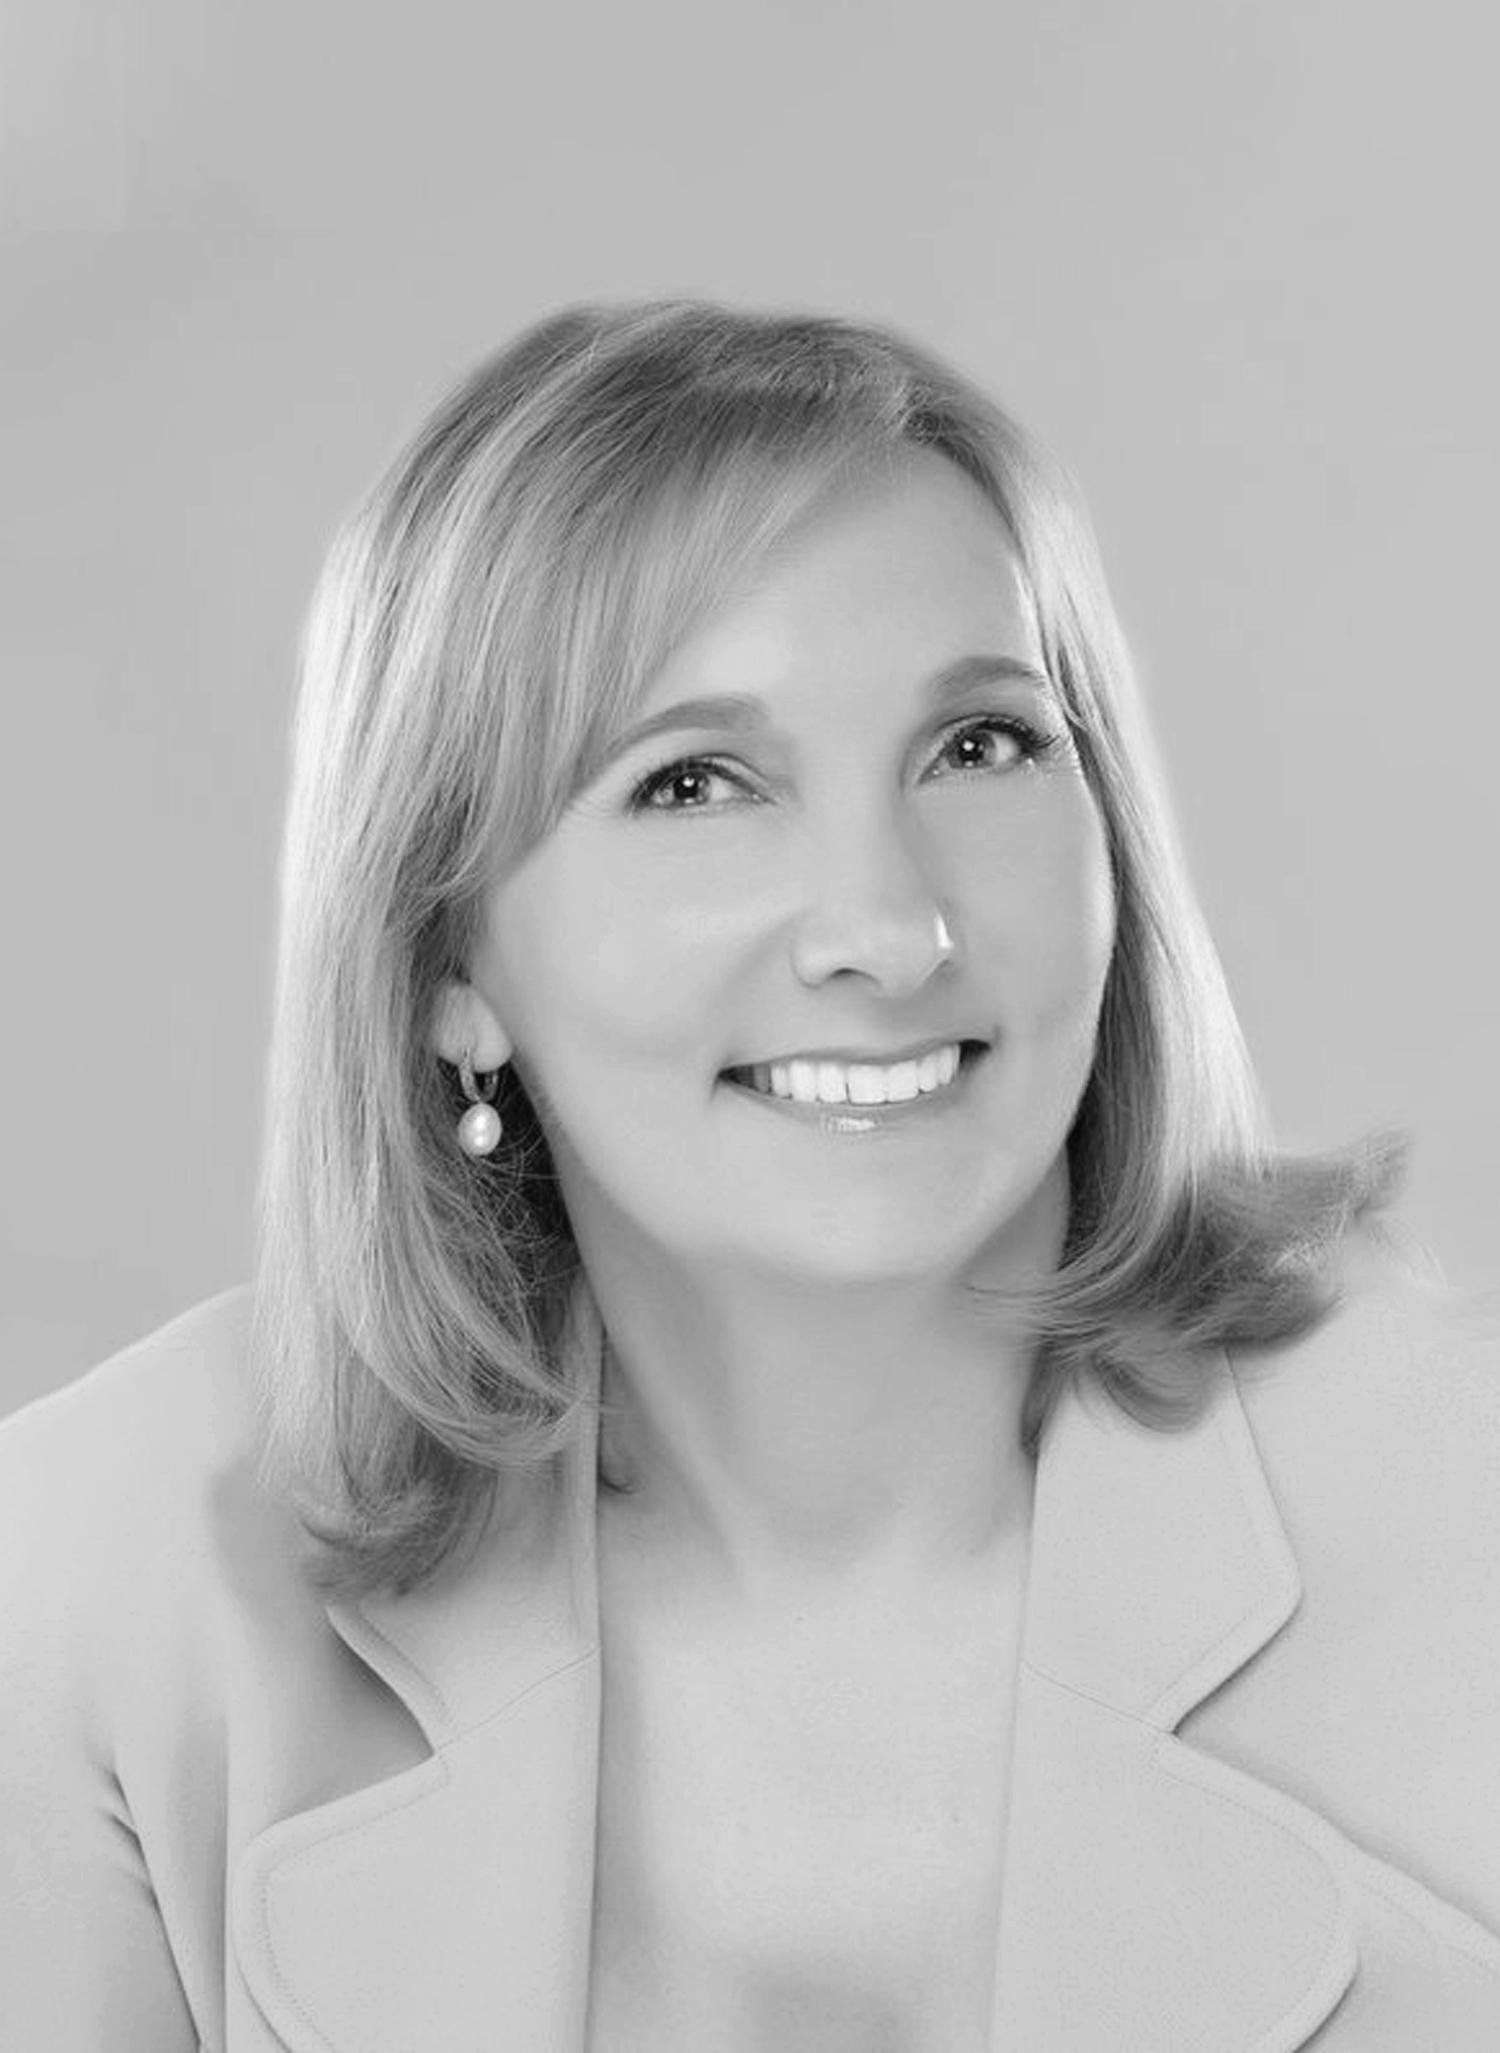 Ann Goodman